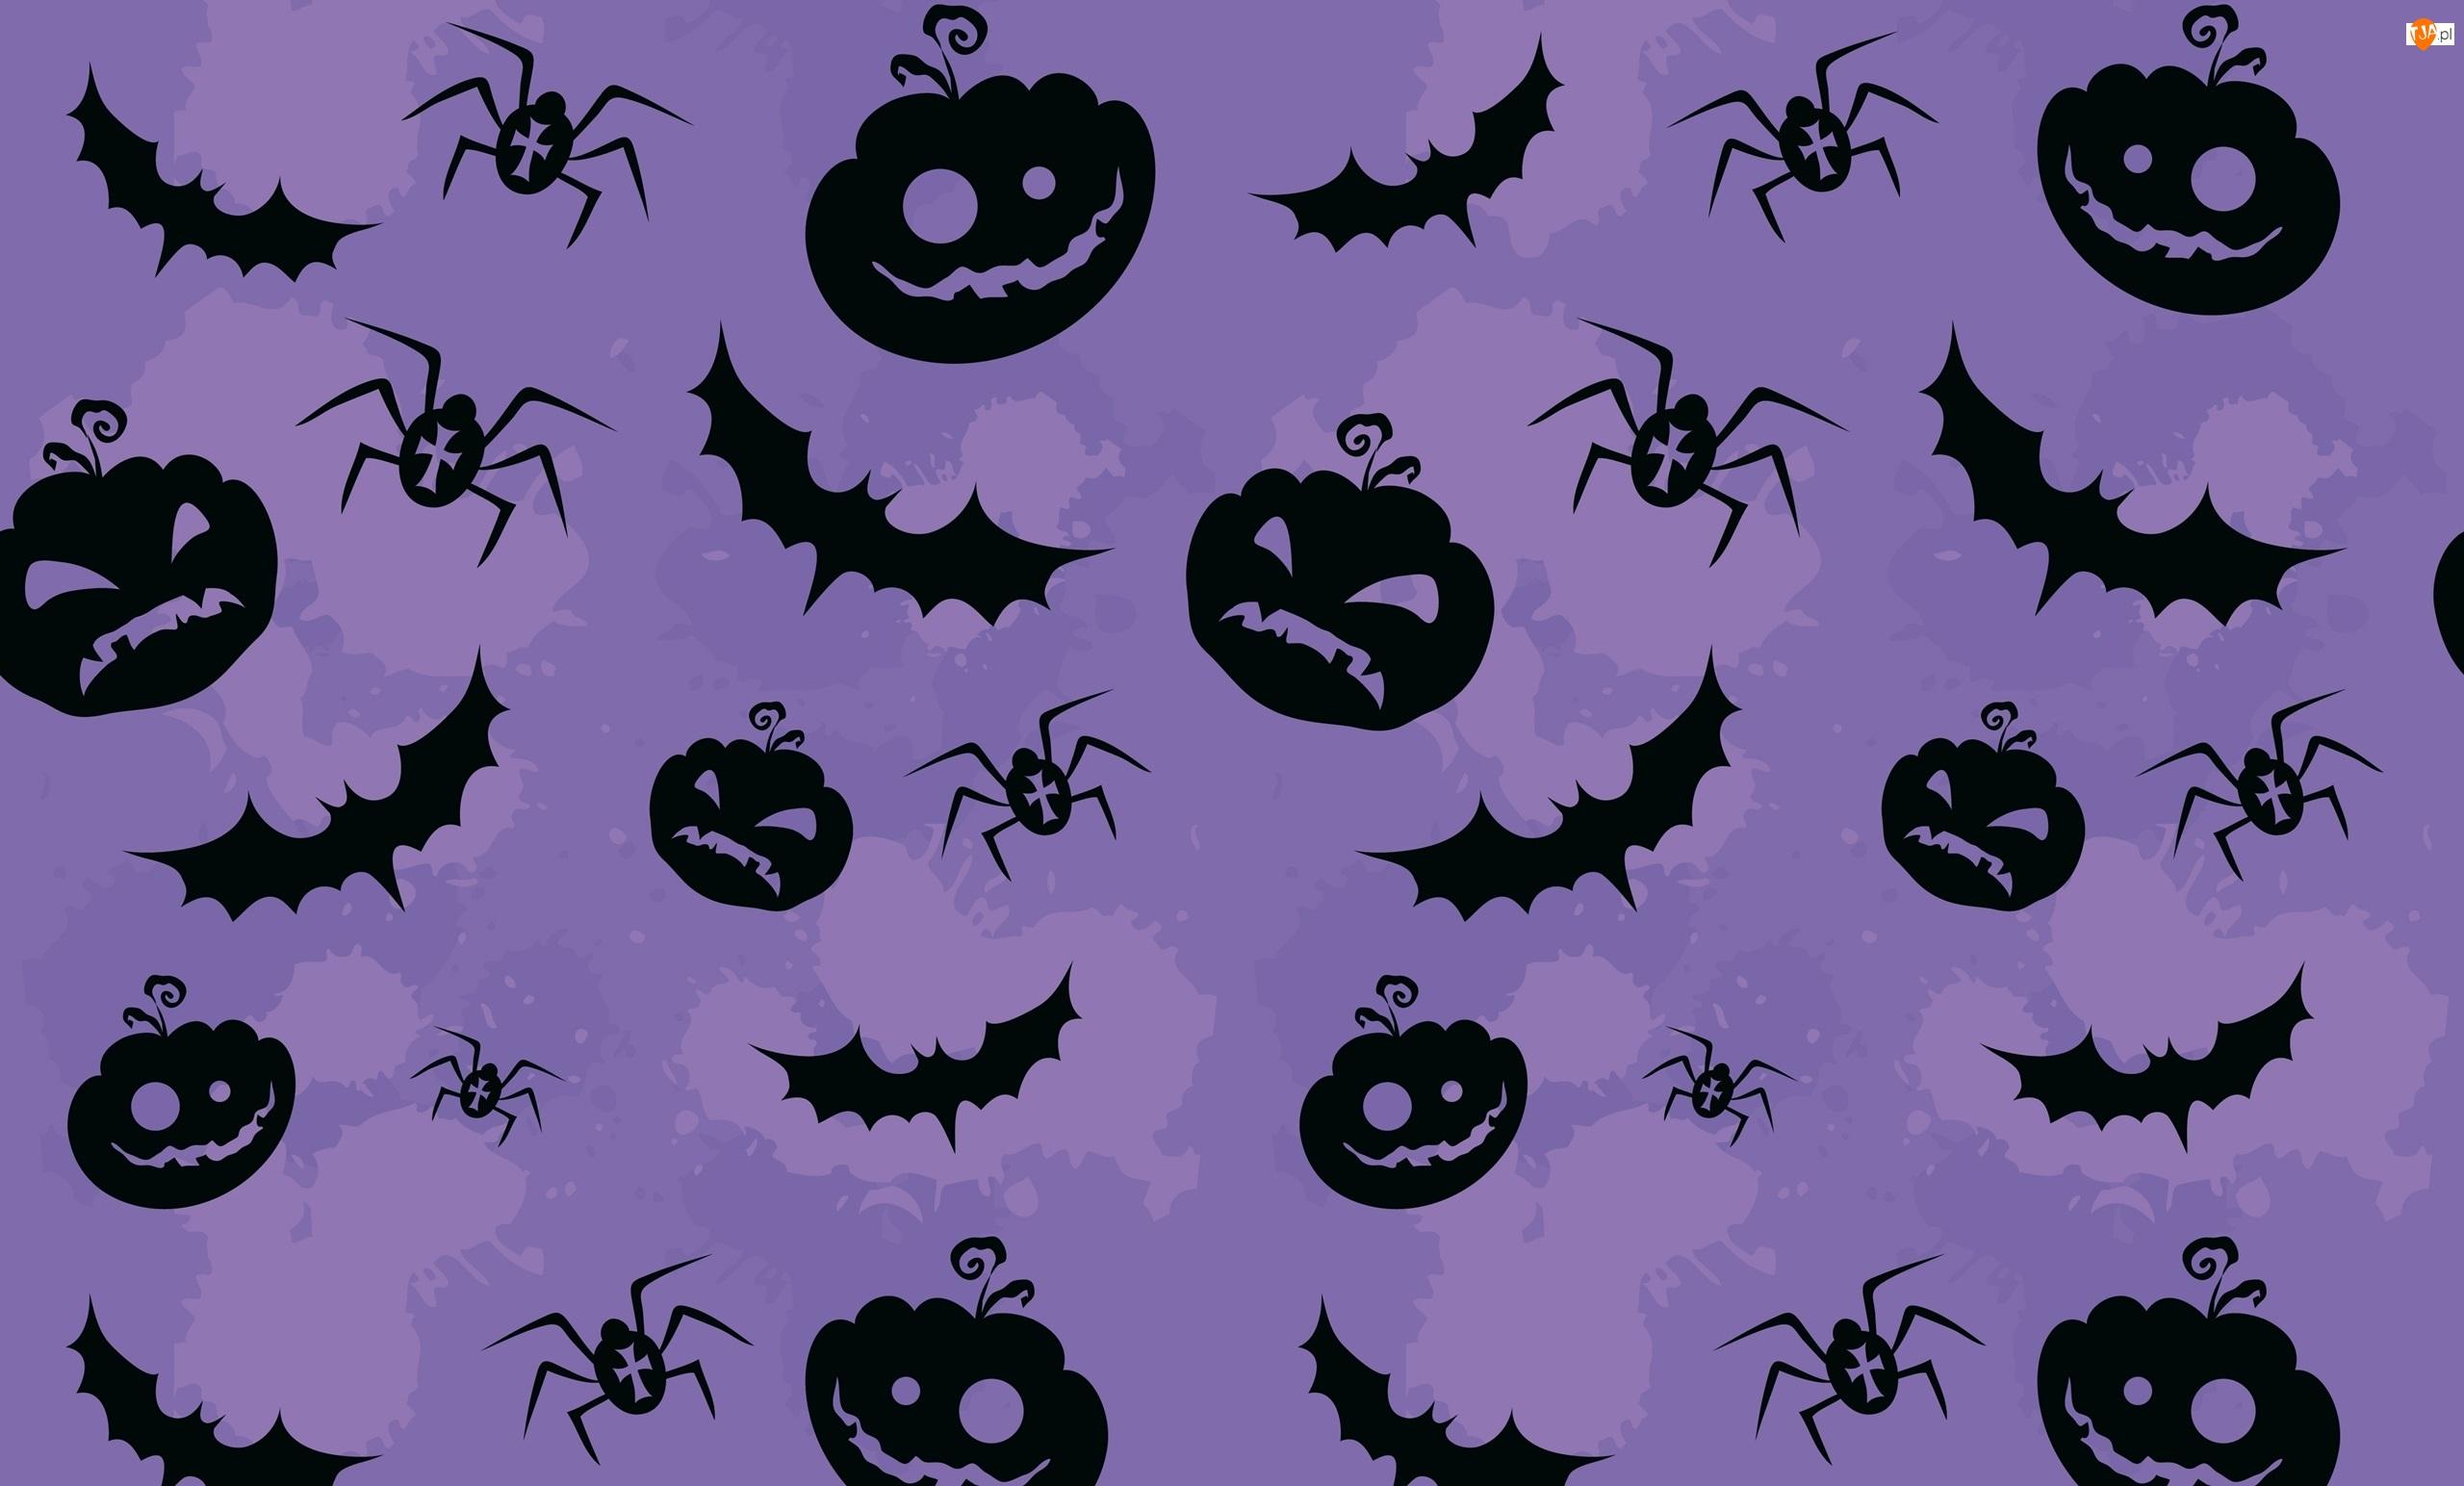 Pająki, Tekstura, Dynie, Halloween, Nietoperze